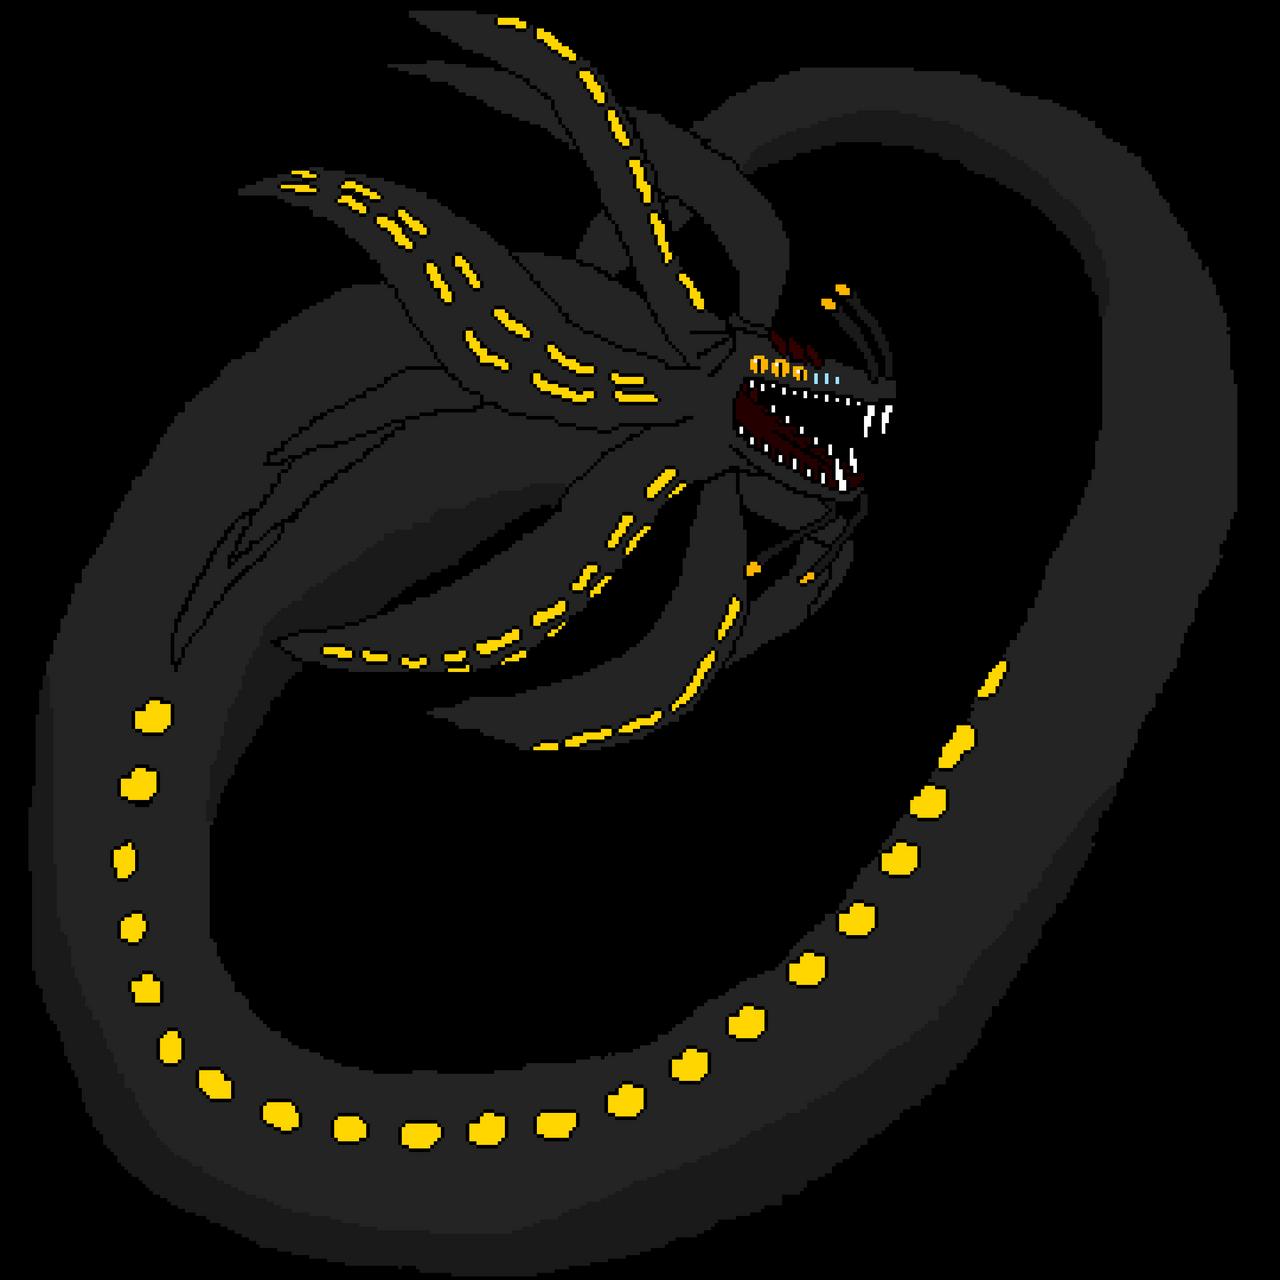 Gargantuan Leviathan